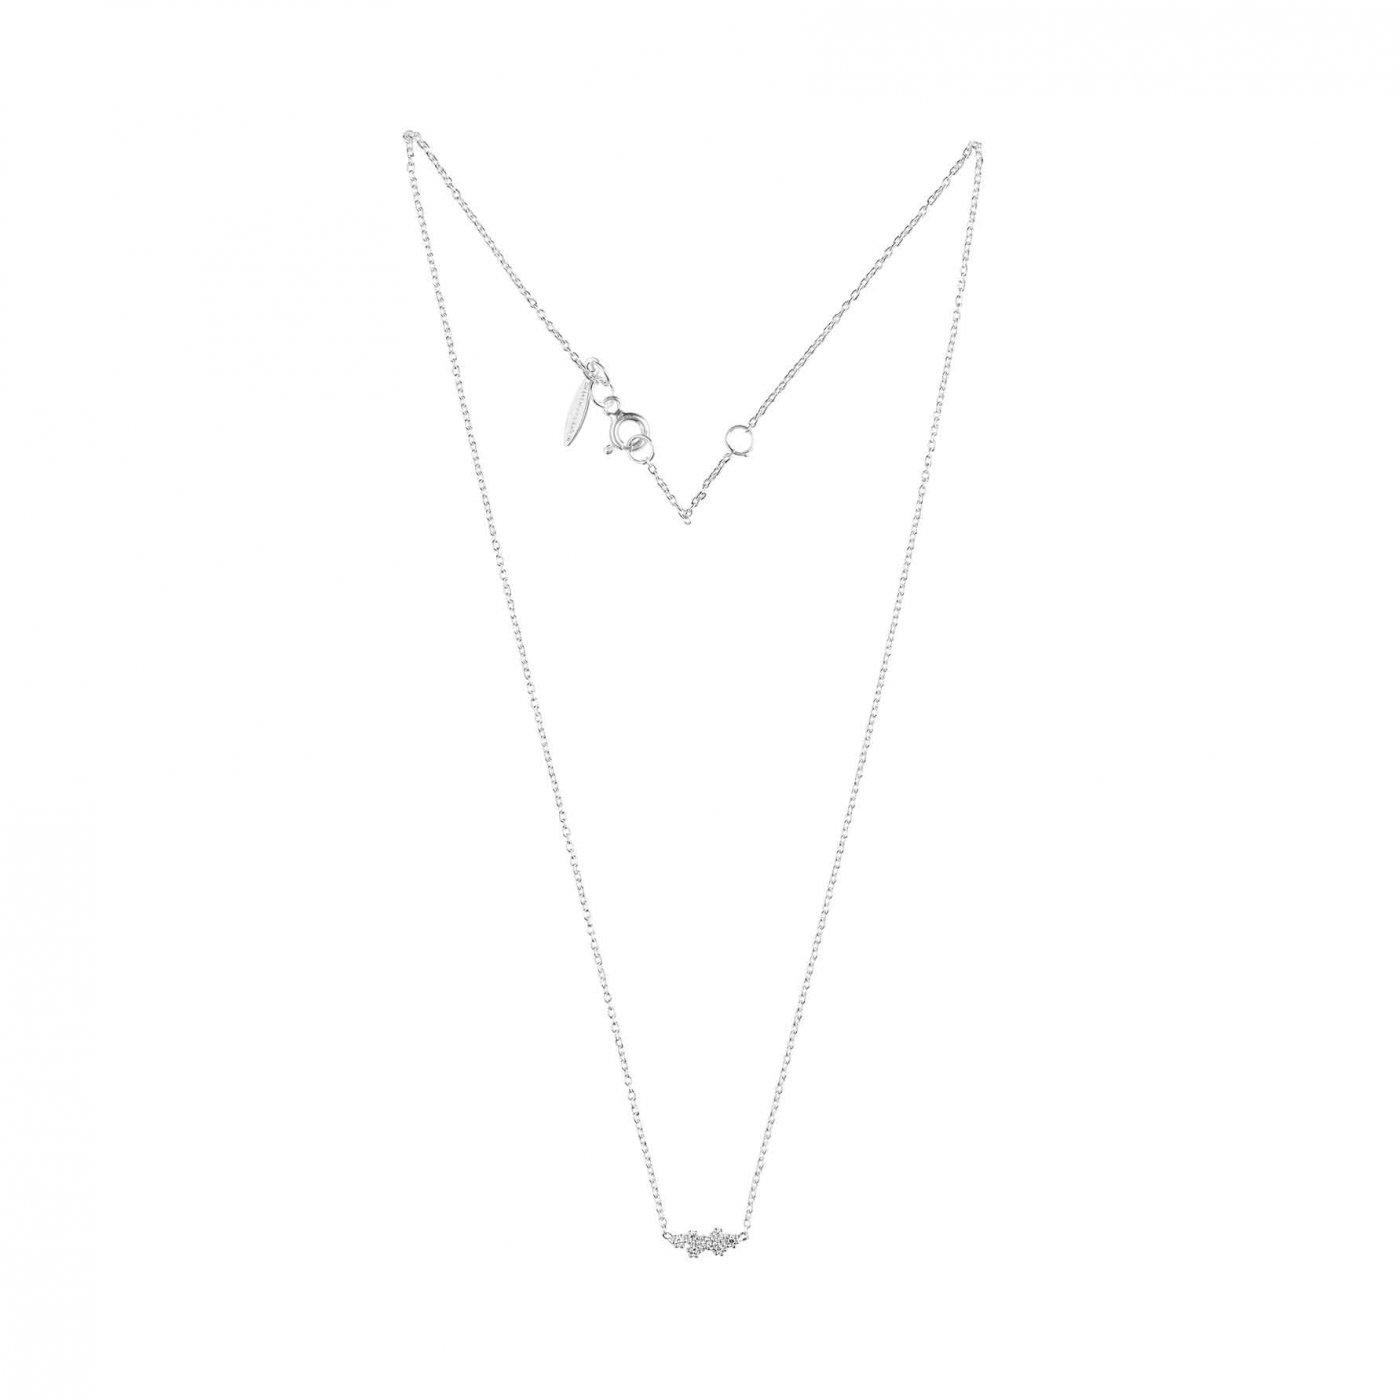 : - Milky Way drop necklace